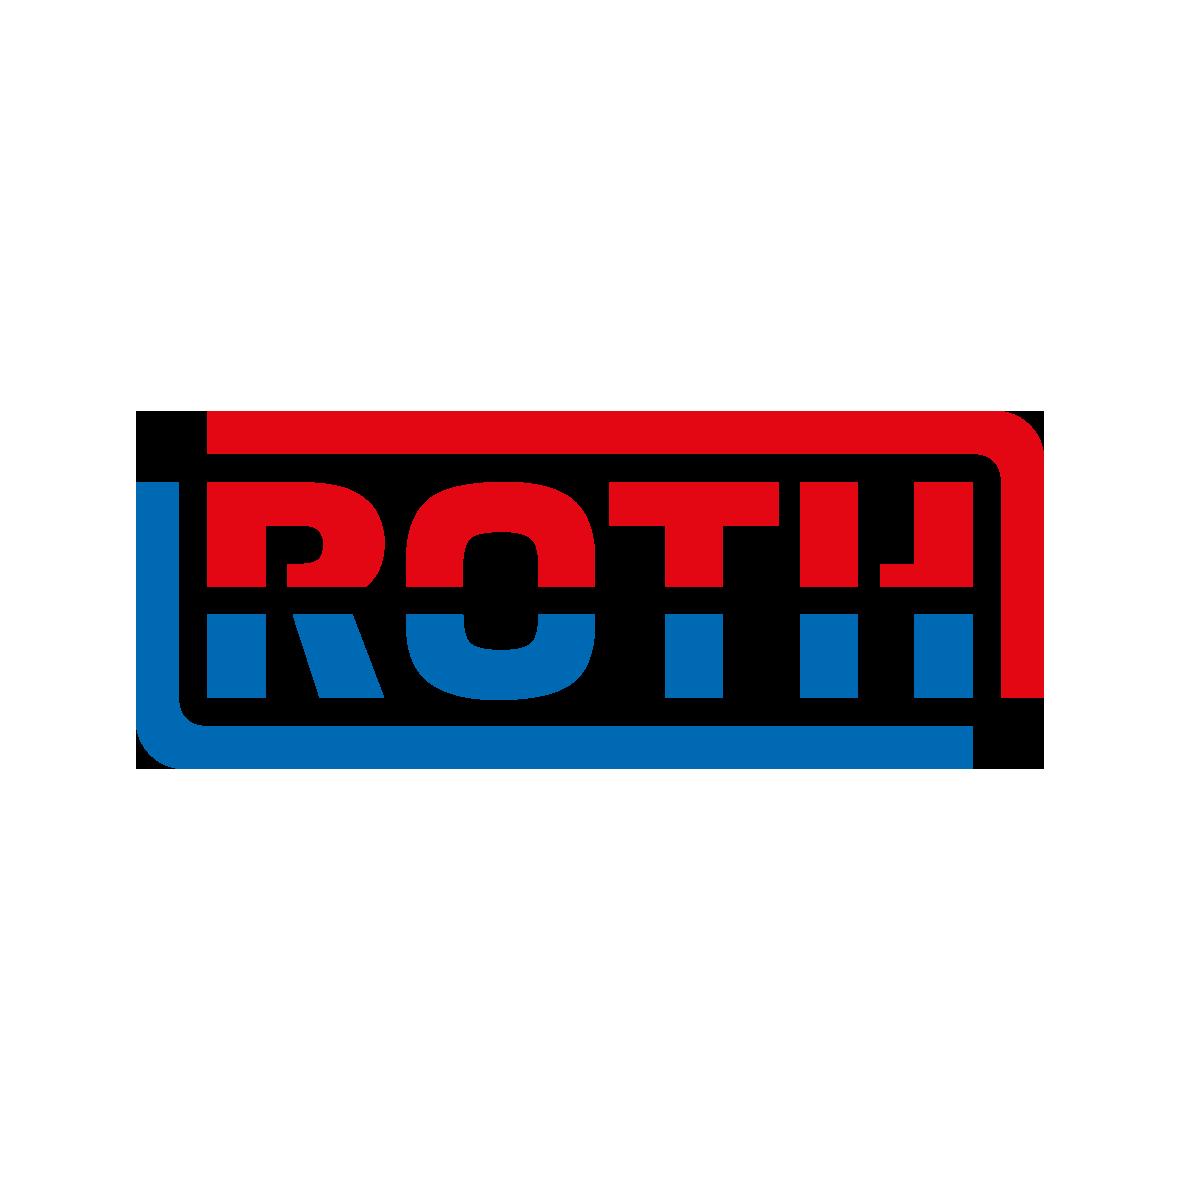 Adolf Roth GmbH